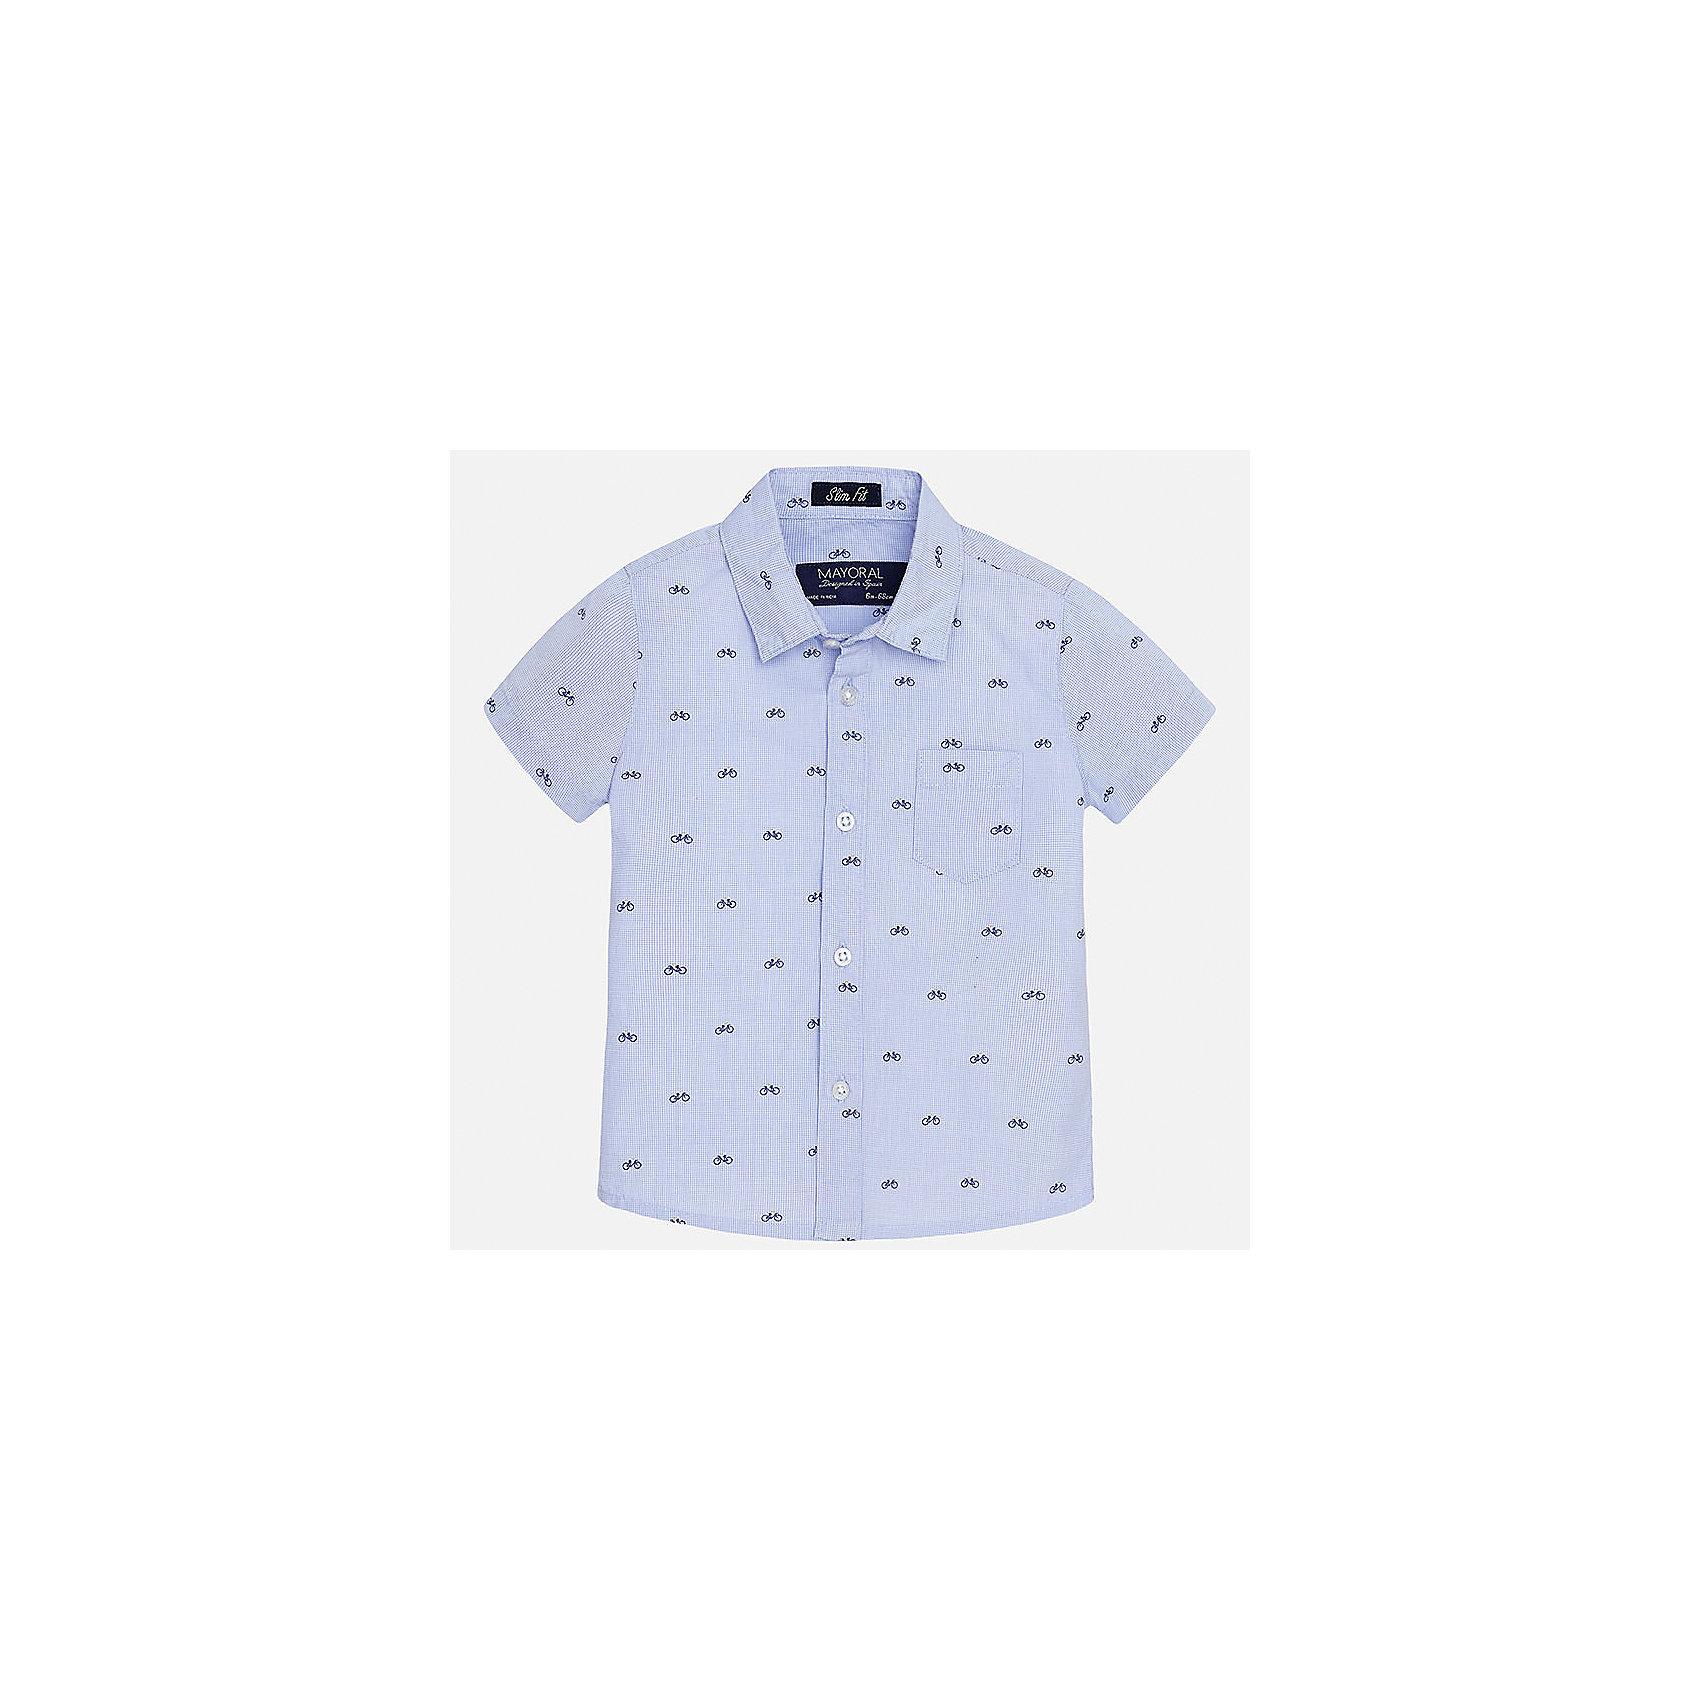 Рубашка для мальчика MayoralБлузки и рубашки<br>Характеристики товара:<br><br>• цвет: голубой<br>• состав: 100% хлопок<br>• отложной воротник<br>• короткие рукава<br>• застежка: пуговицы<br>• карман на груди<br>• страна бренда: Испания<br><br>Красивая рубашка может отлично дополнить гардероб ребенка. Она хорошо сочетается с брюками, шортами, джинсами и т.д. Универсальный крой и цвет позволяет подобрать к вещи низ разных расцветок. Практичное и стильное изделие! В составе материала - только натуральный хлопок, гипоаллергенный, приятный на ощупь, дышащий.<br><br>Одежда, обувь и аксессуары от испанского бренда Mayoral полюбились детям и взрослым по всему миру. Модели этой марки - стильные и удобные. Для их производства используются только безопасные, качественные материалы и фурнитура. Порадуйте ребенка модными и красивыми вещами от Mayoral! <br><br>Рубашку для мальчика от испанского бренда Mayoral (Майорал) можно купить в нашем интернет-магазине.<br><br>Ширина мм: 174<br>Глубина мм: 10<br>Высота мм: 169<br>Вес г: 157<br>Цвет: голубой<br>Возраст от месяцев: 12<br>Возраст до месяцев: 15<br>Пол: Мужской<br>Возраст: Детский<br>Размер: 80,92,86<br>SKU: 5279456